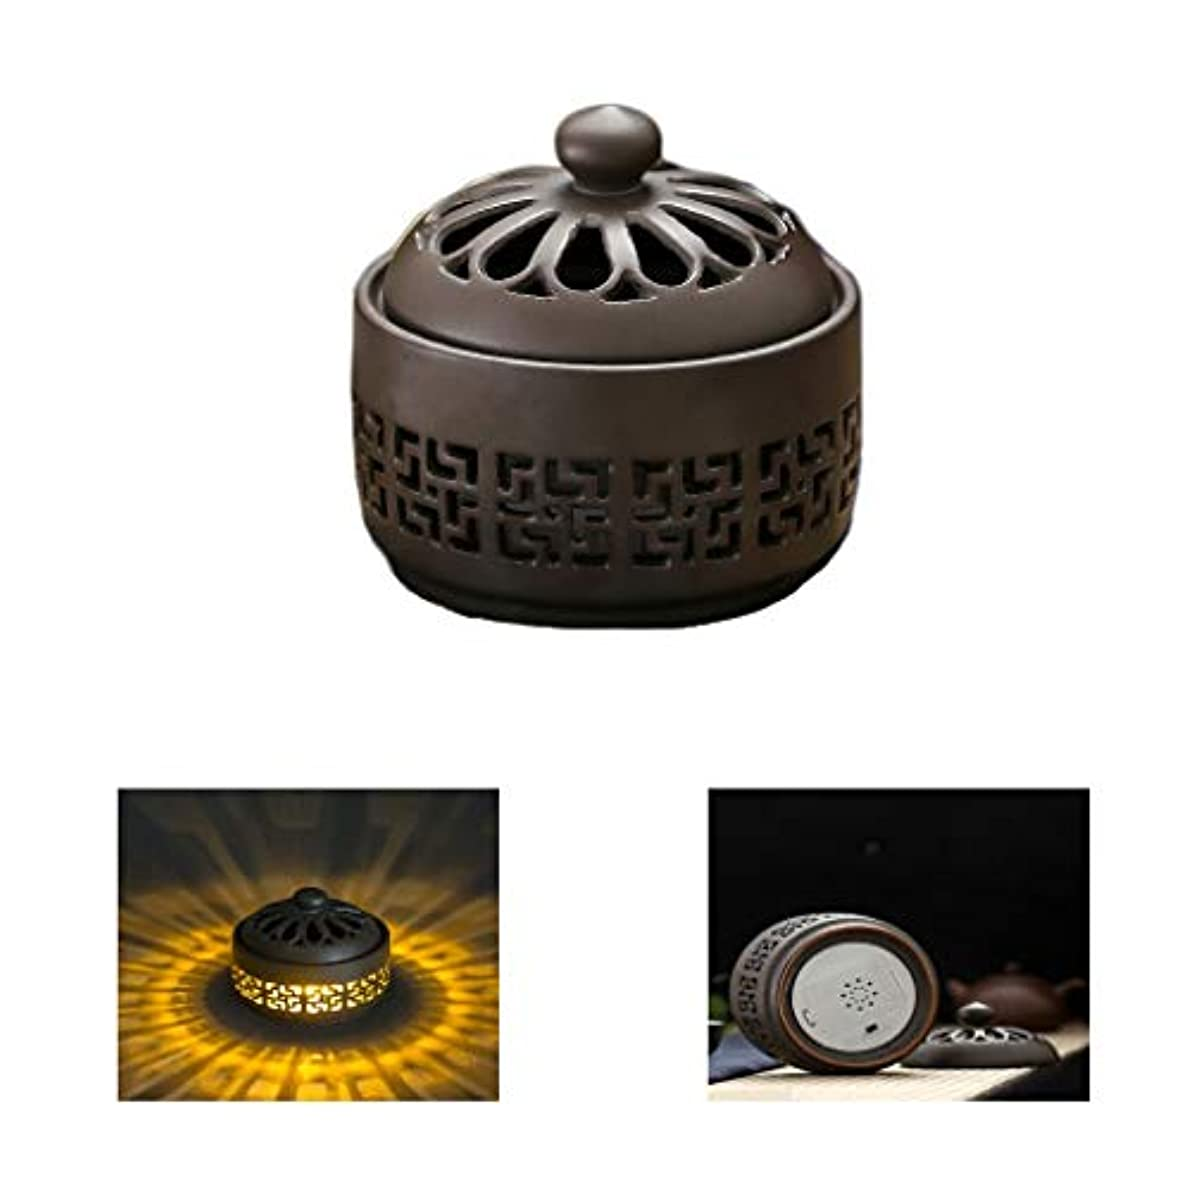 妥協カビ品芳香器?アロマバーナー LED暖かい光香バーナーレトロノスタルジックなセラミック香炉高温アロマセラピー炉 アロマバーナー (Color : Earth tones)